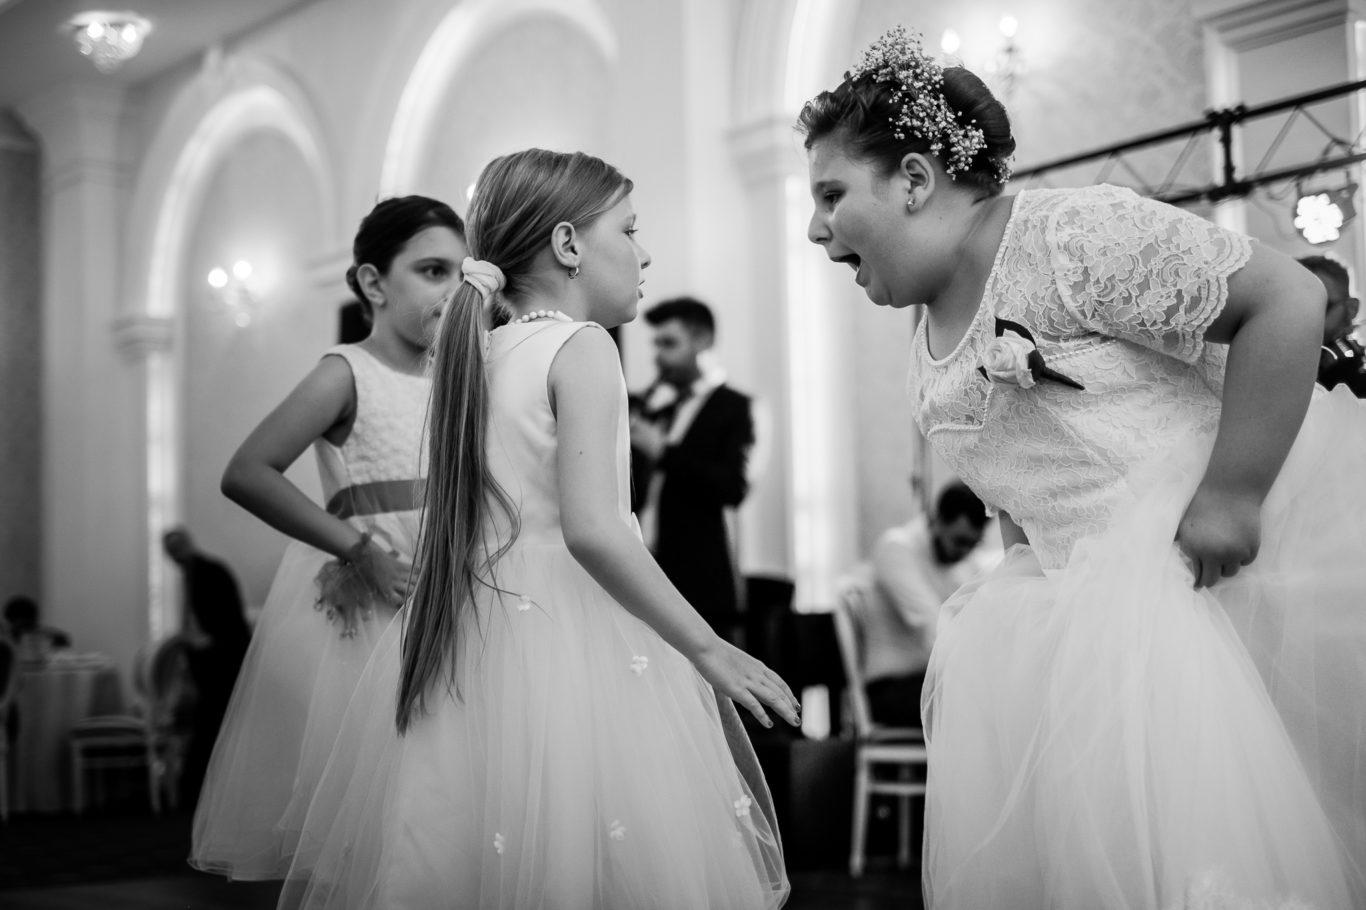 0845-Fotografie-nunta-Mirela-Iulian-fotograf-Ciprian-Dumitrescu-DSCF1482